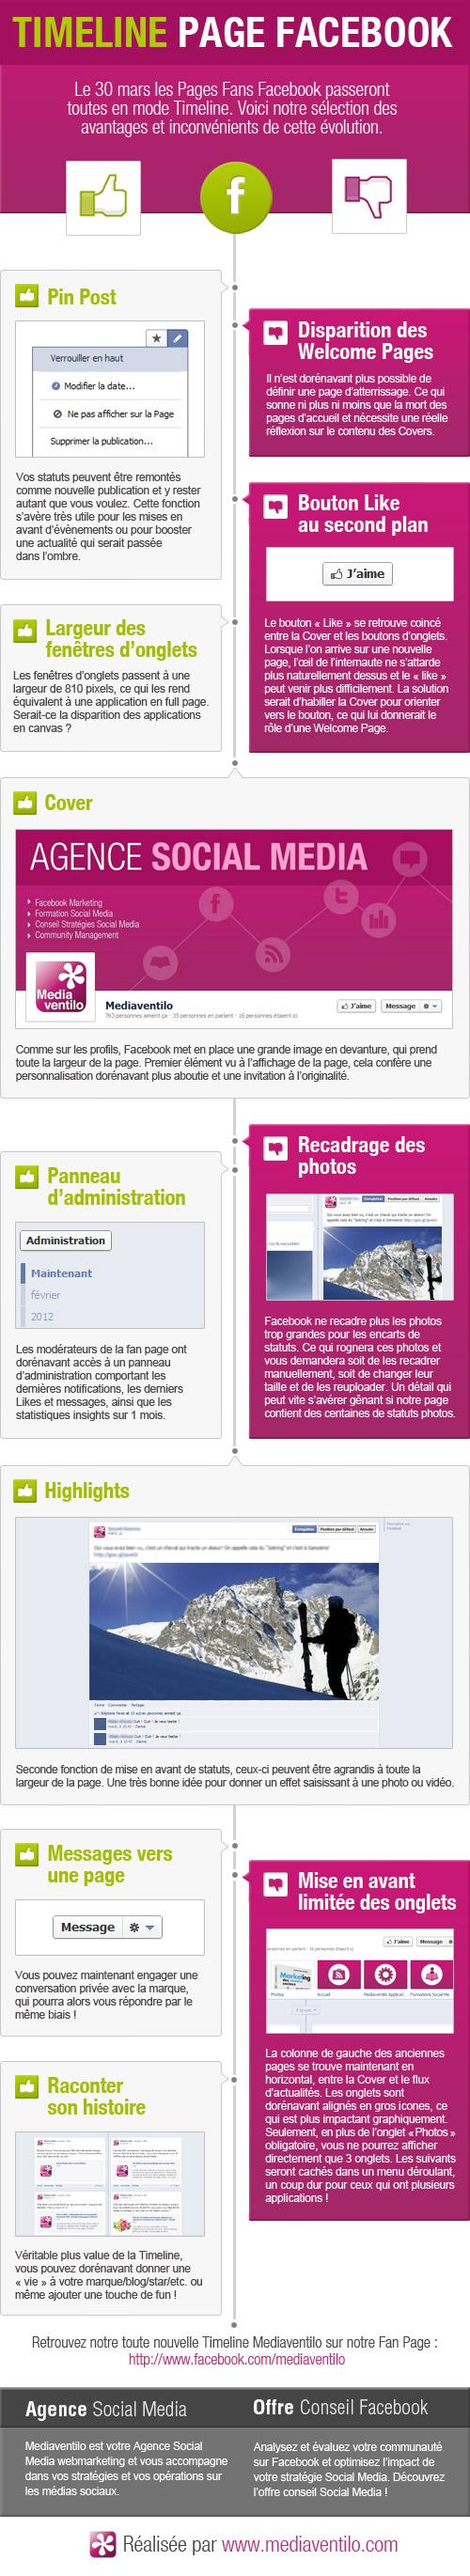 Infographie Timeline Facebook Mediaventilo [Infographie] Evolution de Facebook: arrivée de la Timeline pour les Pages!